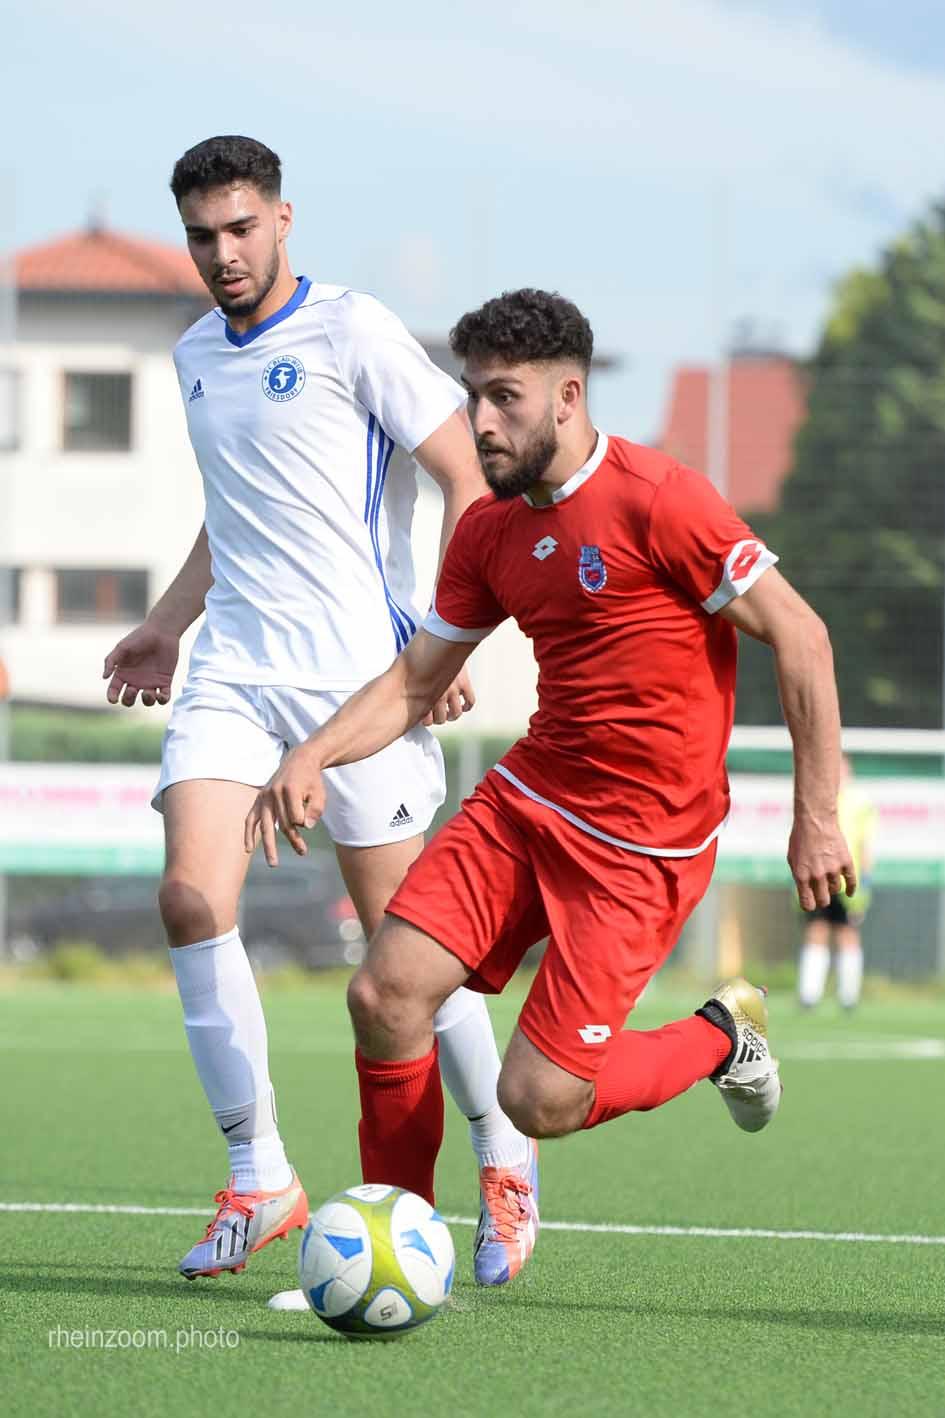 DSC_0595 BSC - FC BW Firesdorf A-Junioren Kreispokal 2019